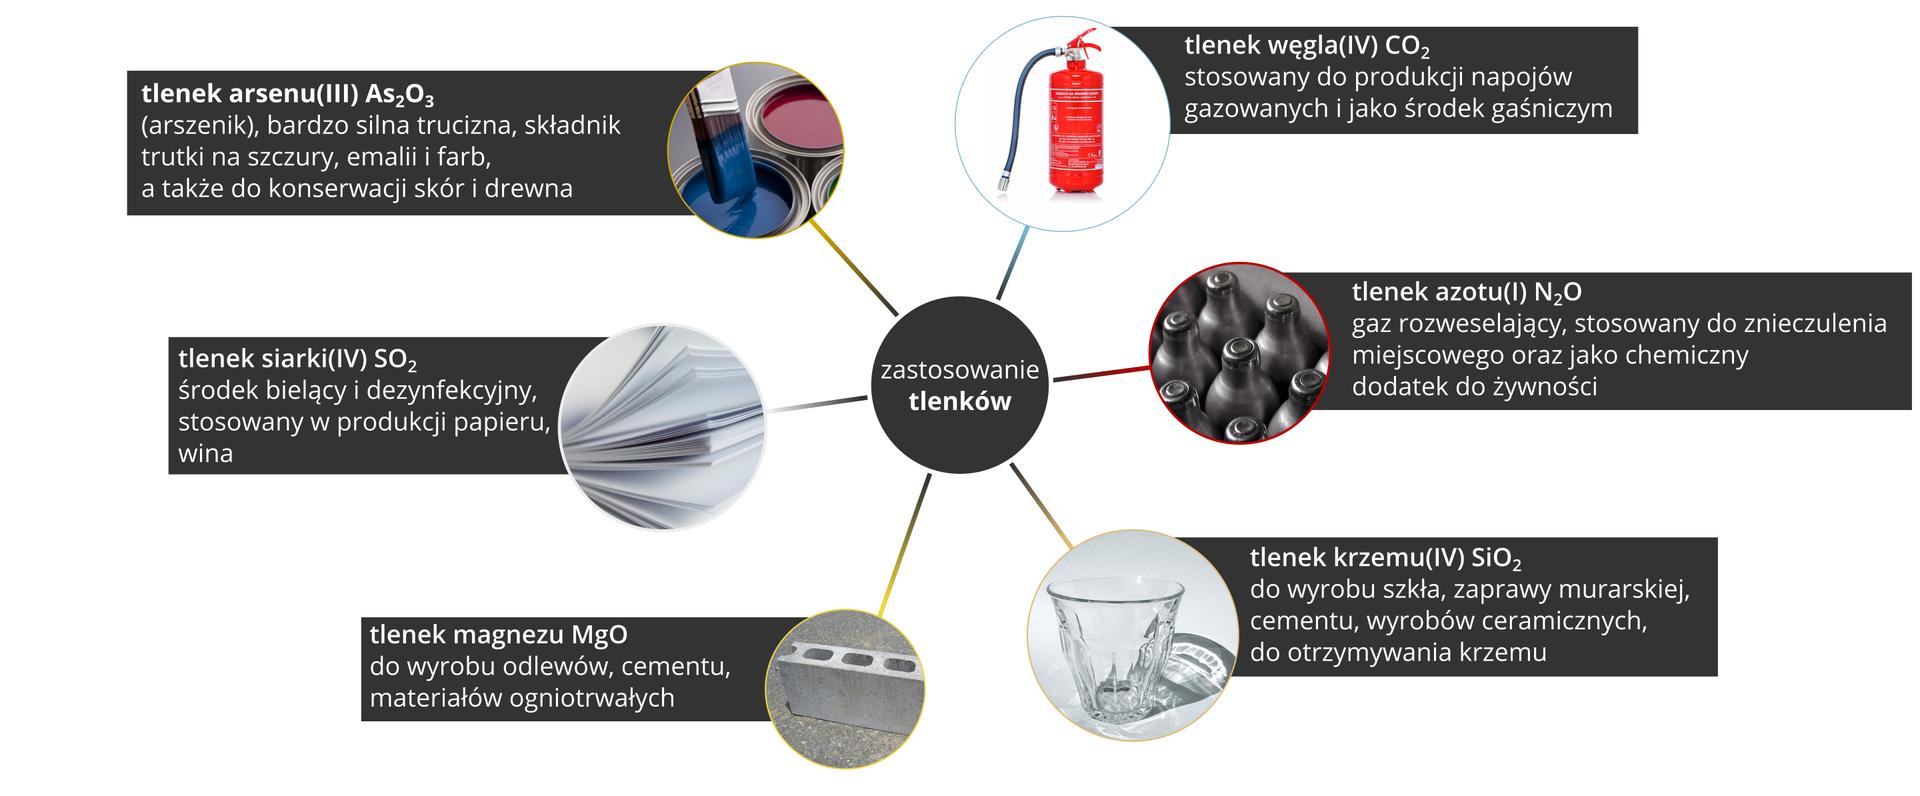 Ilustracja przedstawia infografikę prezentującą zastosowanie tlenków. Centralną część planszy zajmuje czarne koło zbiałym napisem Zastosowanie tlenków od którego odchodzi sześć koncentrycznych linii prowadzących do sześciu czarnych prostokątów ztekstem ilustrowanych zdjęciami przyciętymi wkształt koła. Licząc od góry wkierunku ruchu wskazówek zegara są to: zdjęcie gaśnicy, napis: tlenek węgla CO2 do produkcji napojów gazowanych ijako środek gaśniczy. Zdjęcie metalowych zbiorników ułożonych obok siebie, napis: tlenek azotu N2O, gaz rozweselający stosowany do znieczulenia miejscowego oraz chemiczny dodatek do żywności. Zdjęcie szklanych kieliszków, napis: tlenek krzemu SiO2 do wyrobu szkła, zaprawy murarskiej, cementu, ceramiki ido otrzymywania krzemu. Zdjęcie pustaka, napis tlenek magnezu MgO do wyrobu odlewów, cementu, materiałów ogniotrwałych. Zdjęcie ryzy papieru, napis: tlenek siarki SO2, środek bielący idezynfekujący stosowany wprodukcji papieru, wina. Zdjęcie otwartych puszek zfarbami, napis: tlenek arsenu As2O3, bardzo silna trucizna, składnik trutki na szczury, wyrobów zemalii ifarb, atakże do konserwacji skór idrewna.